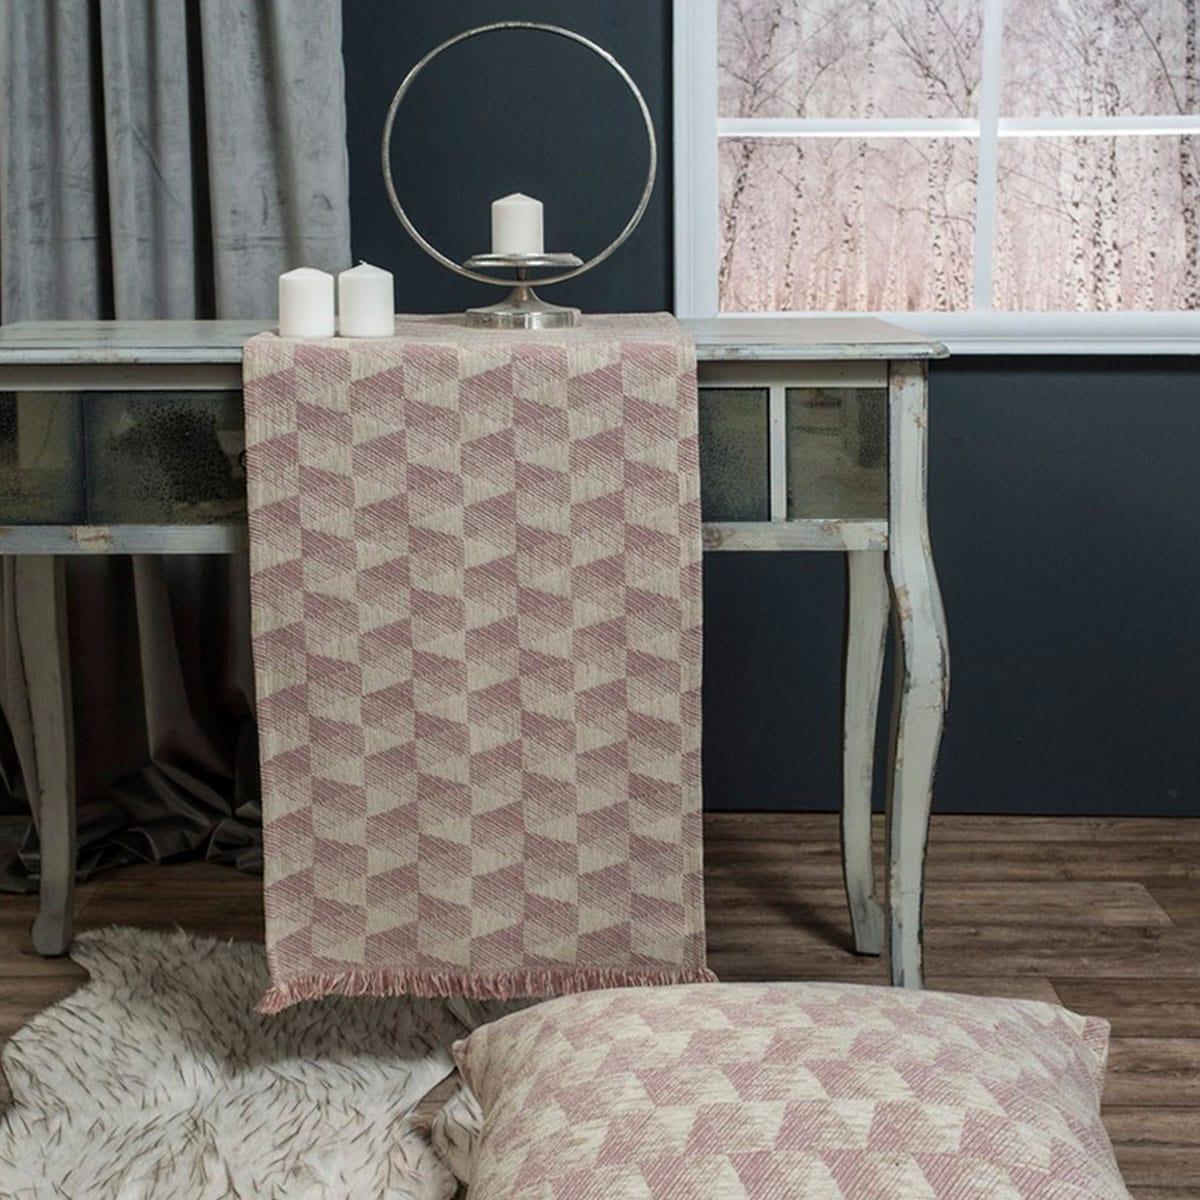 Μαξιλάρι Διακοσμητικό (Με Γέμιση) Δαπέδου Memphis 12 Rose Teoran 60X60 Ακρυλικό-Polyester